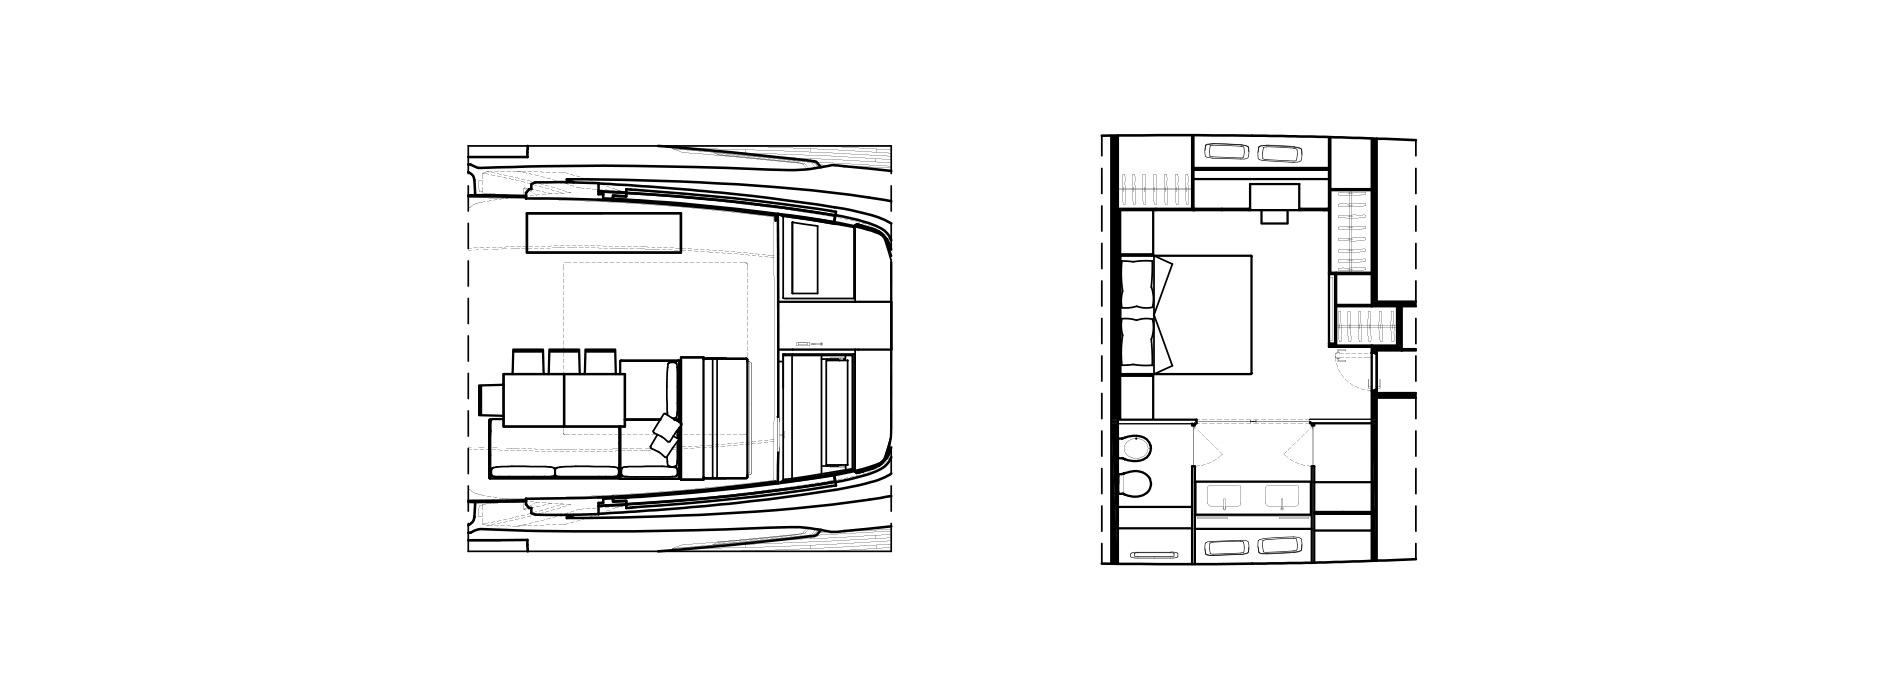 Sanlorenzo Yachts SX88 Detalles Versione A